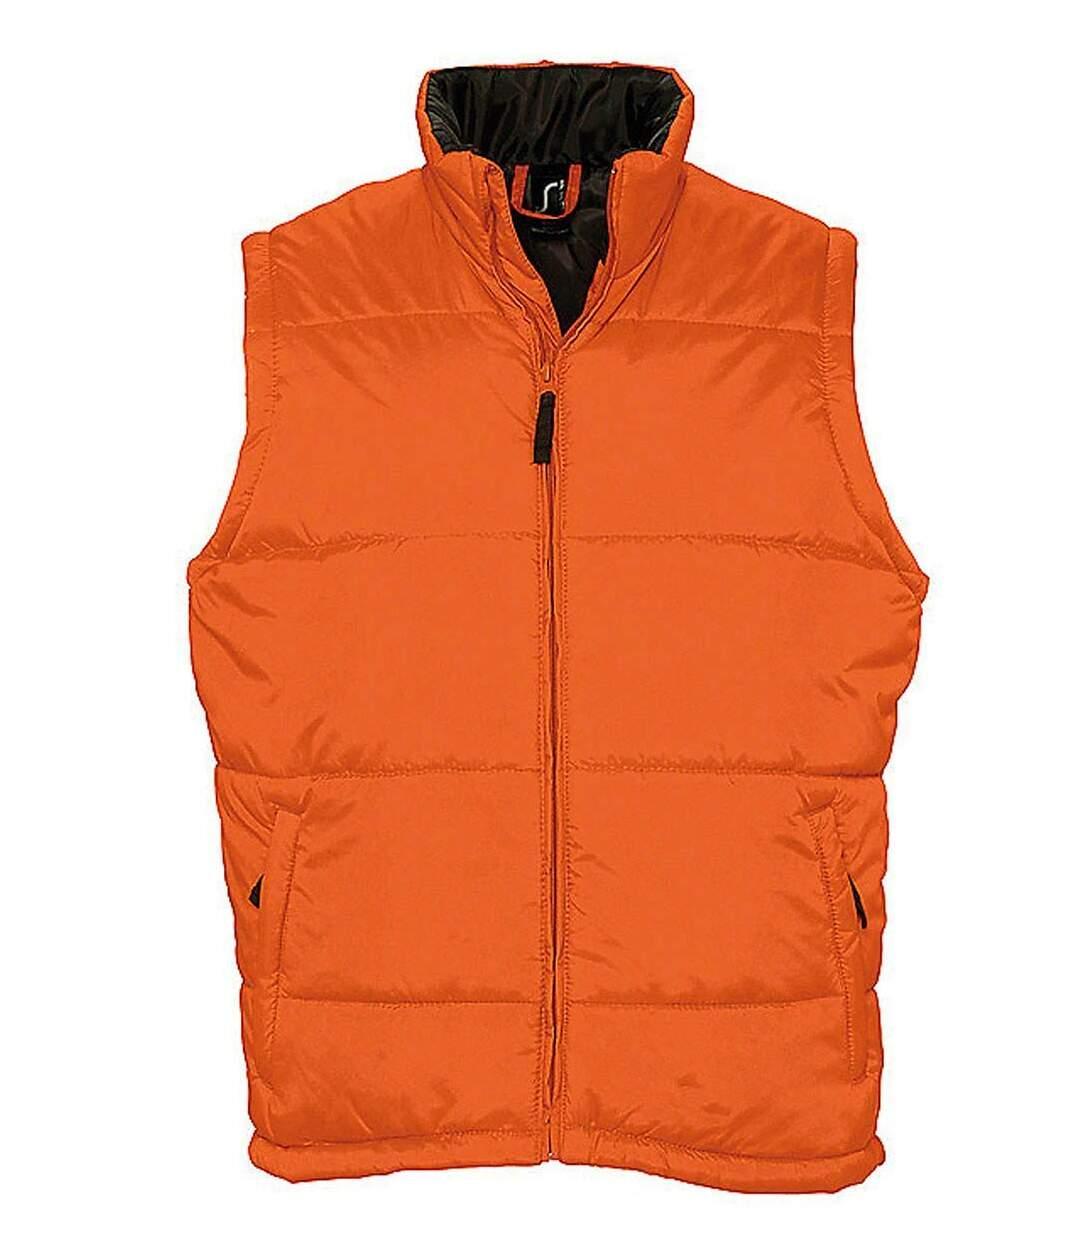 Doudoune veste sans manches matelassée - 44002 - orange